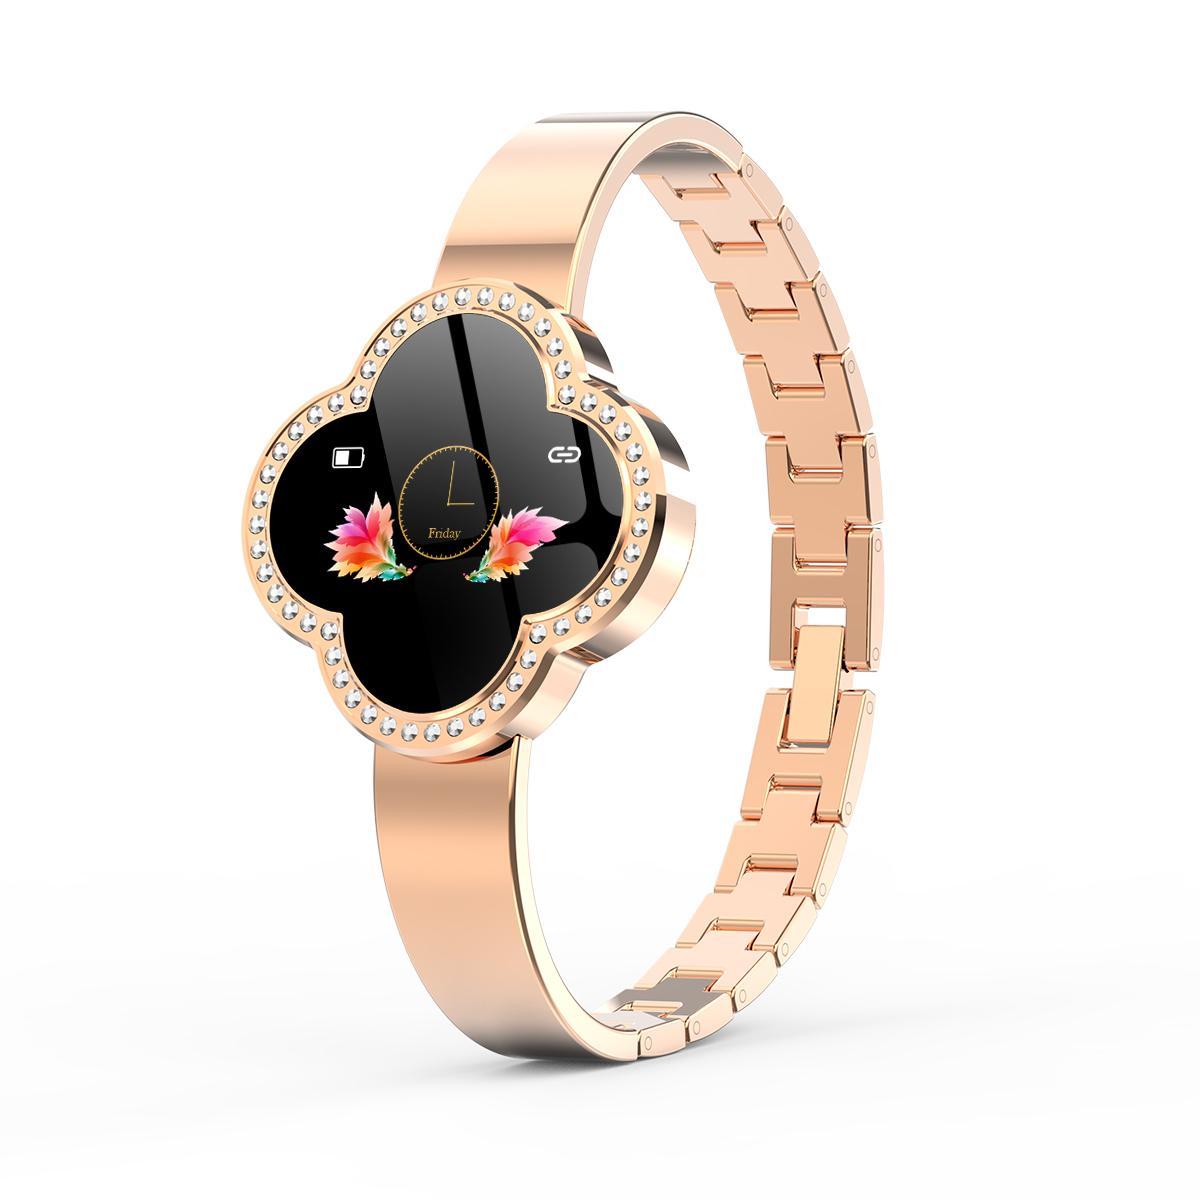 Inteligentes de Pressão Rastreador de Fitness Mulheres à Prova Mulheres Pulseira Feminina Relógios Arterial Inteligente d' Água Relógio